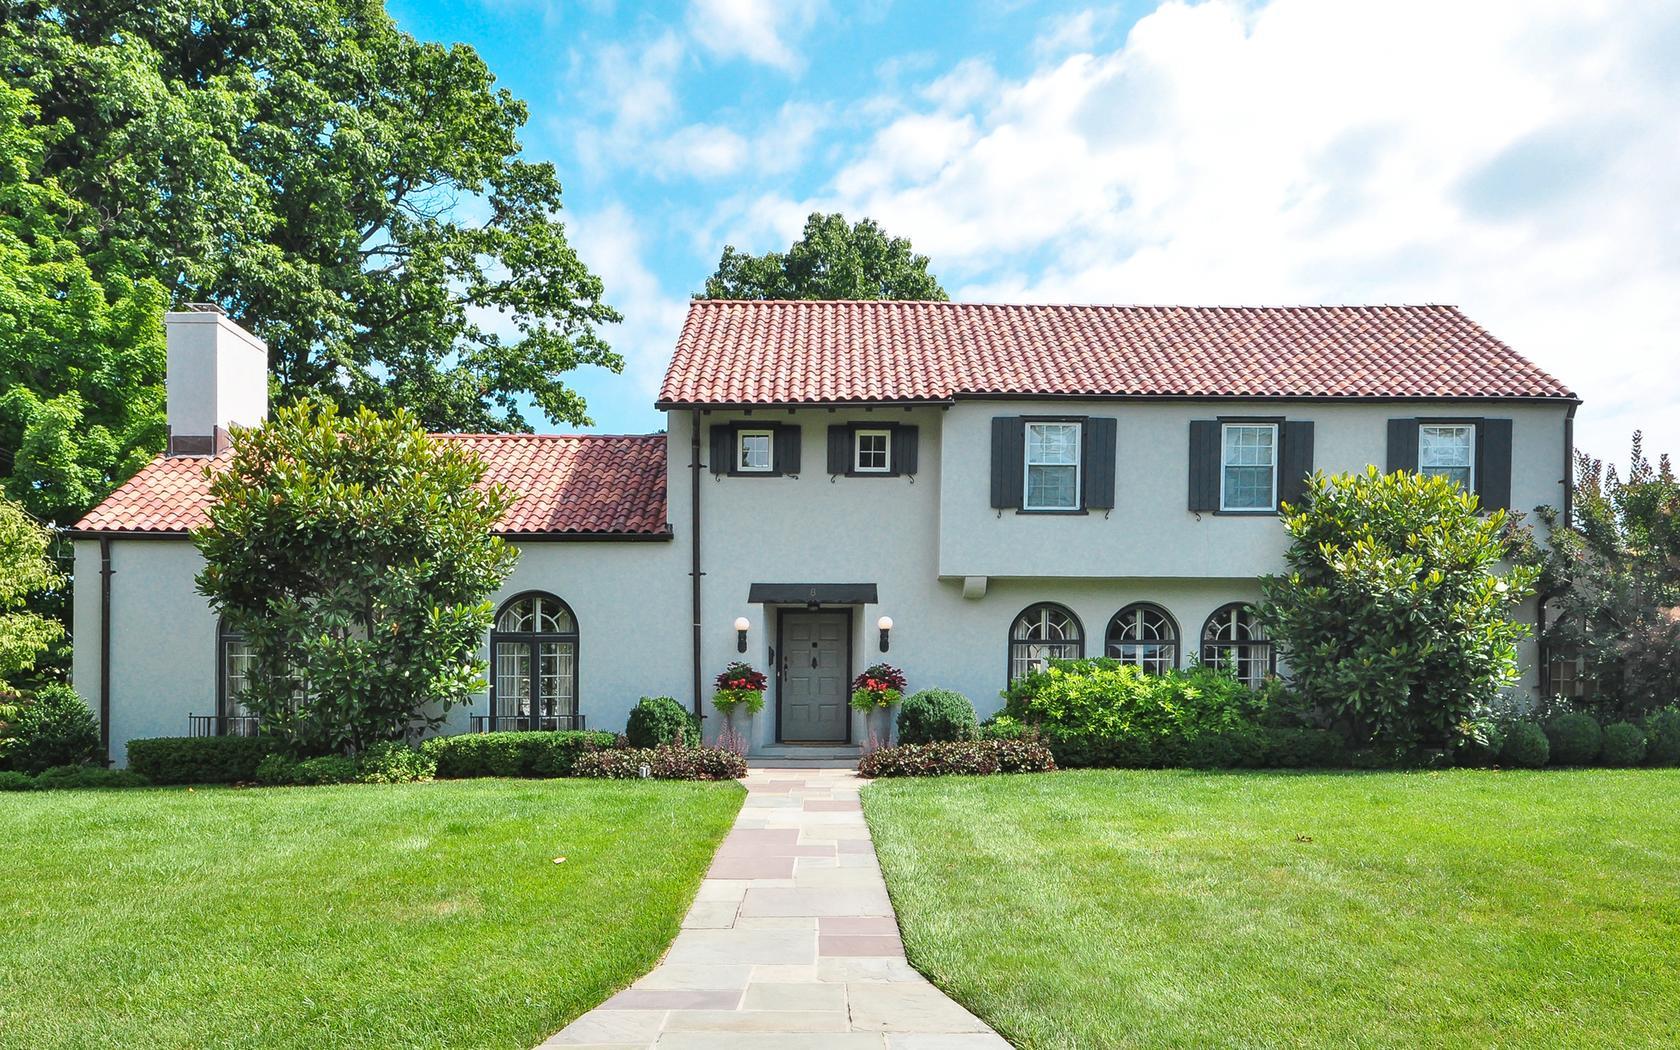 Single Family Home for Sale at 8 Bonmar 8 Bonmar Road Pelham, New York, 10803 United States